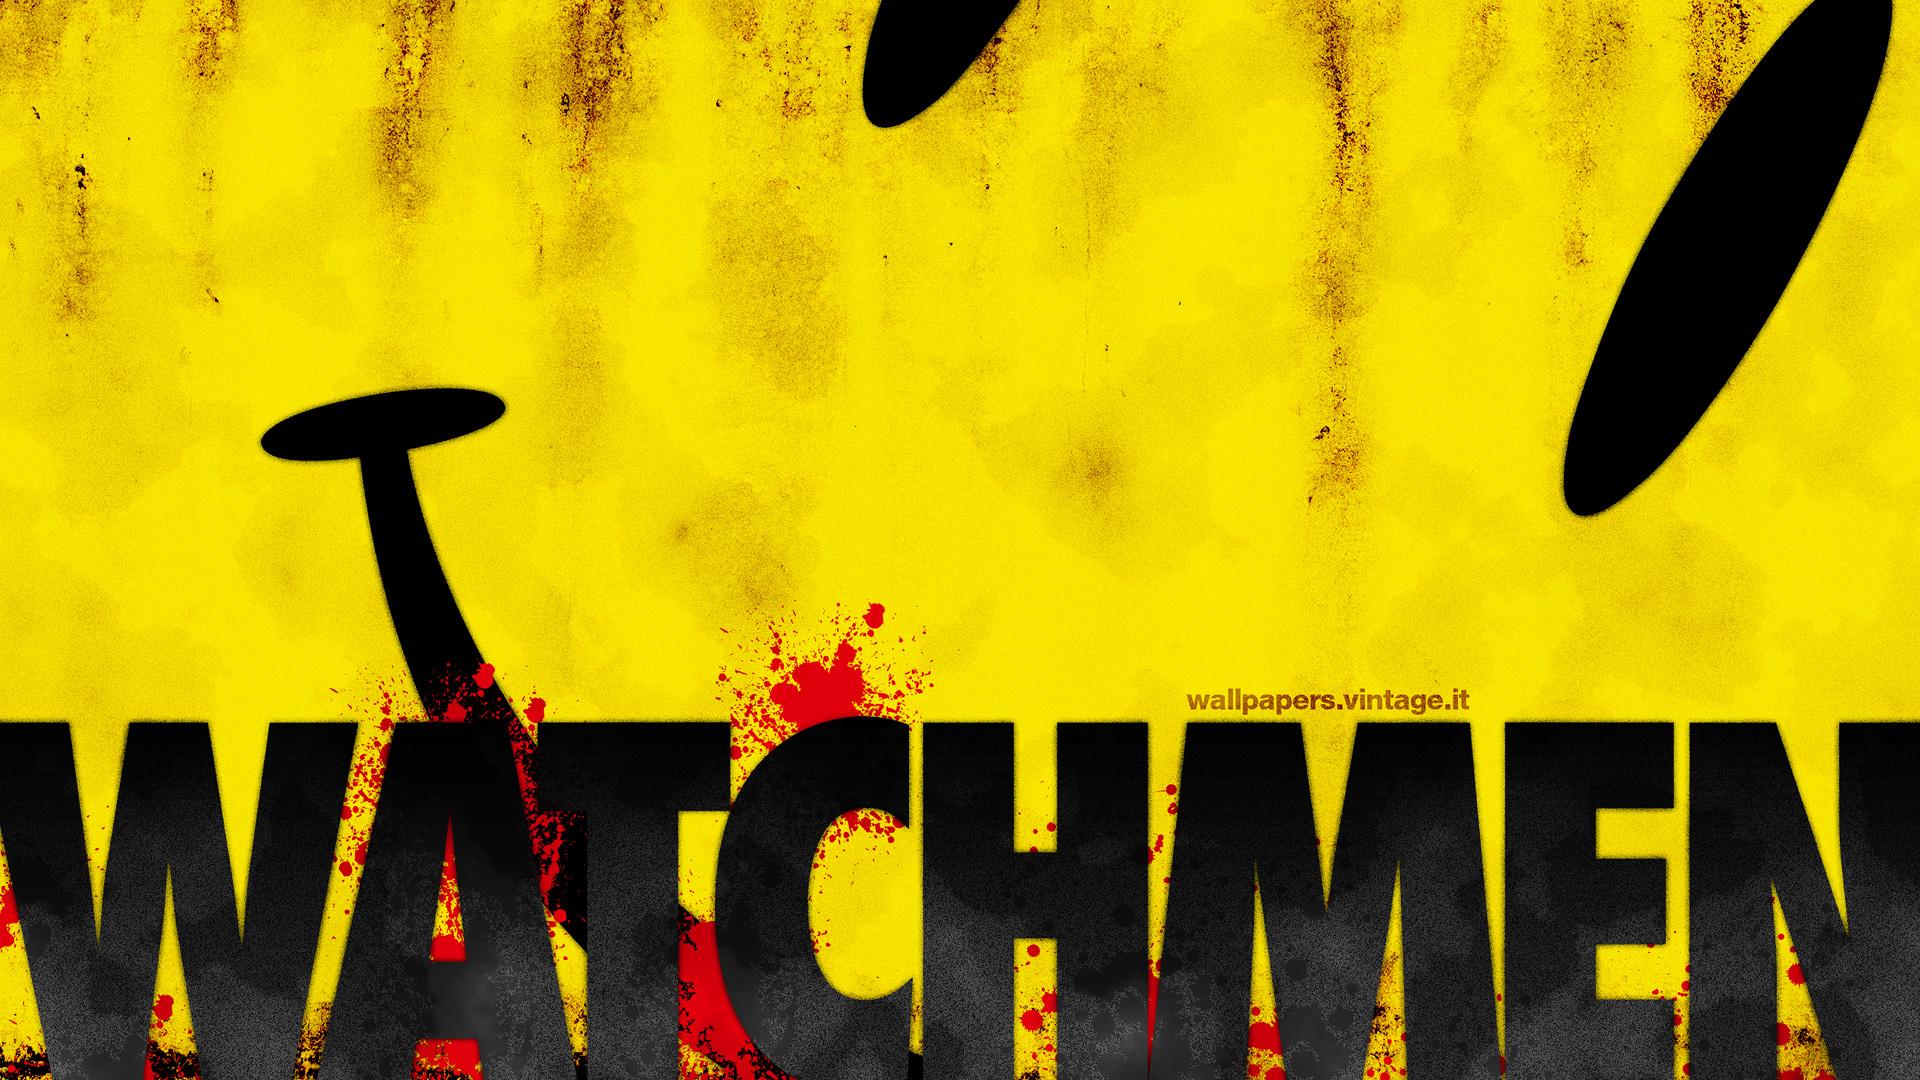 watchmen wallpaper free desktop hd ipad iphone wallpapers